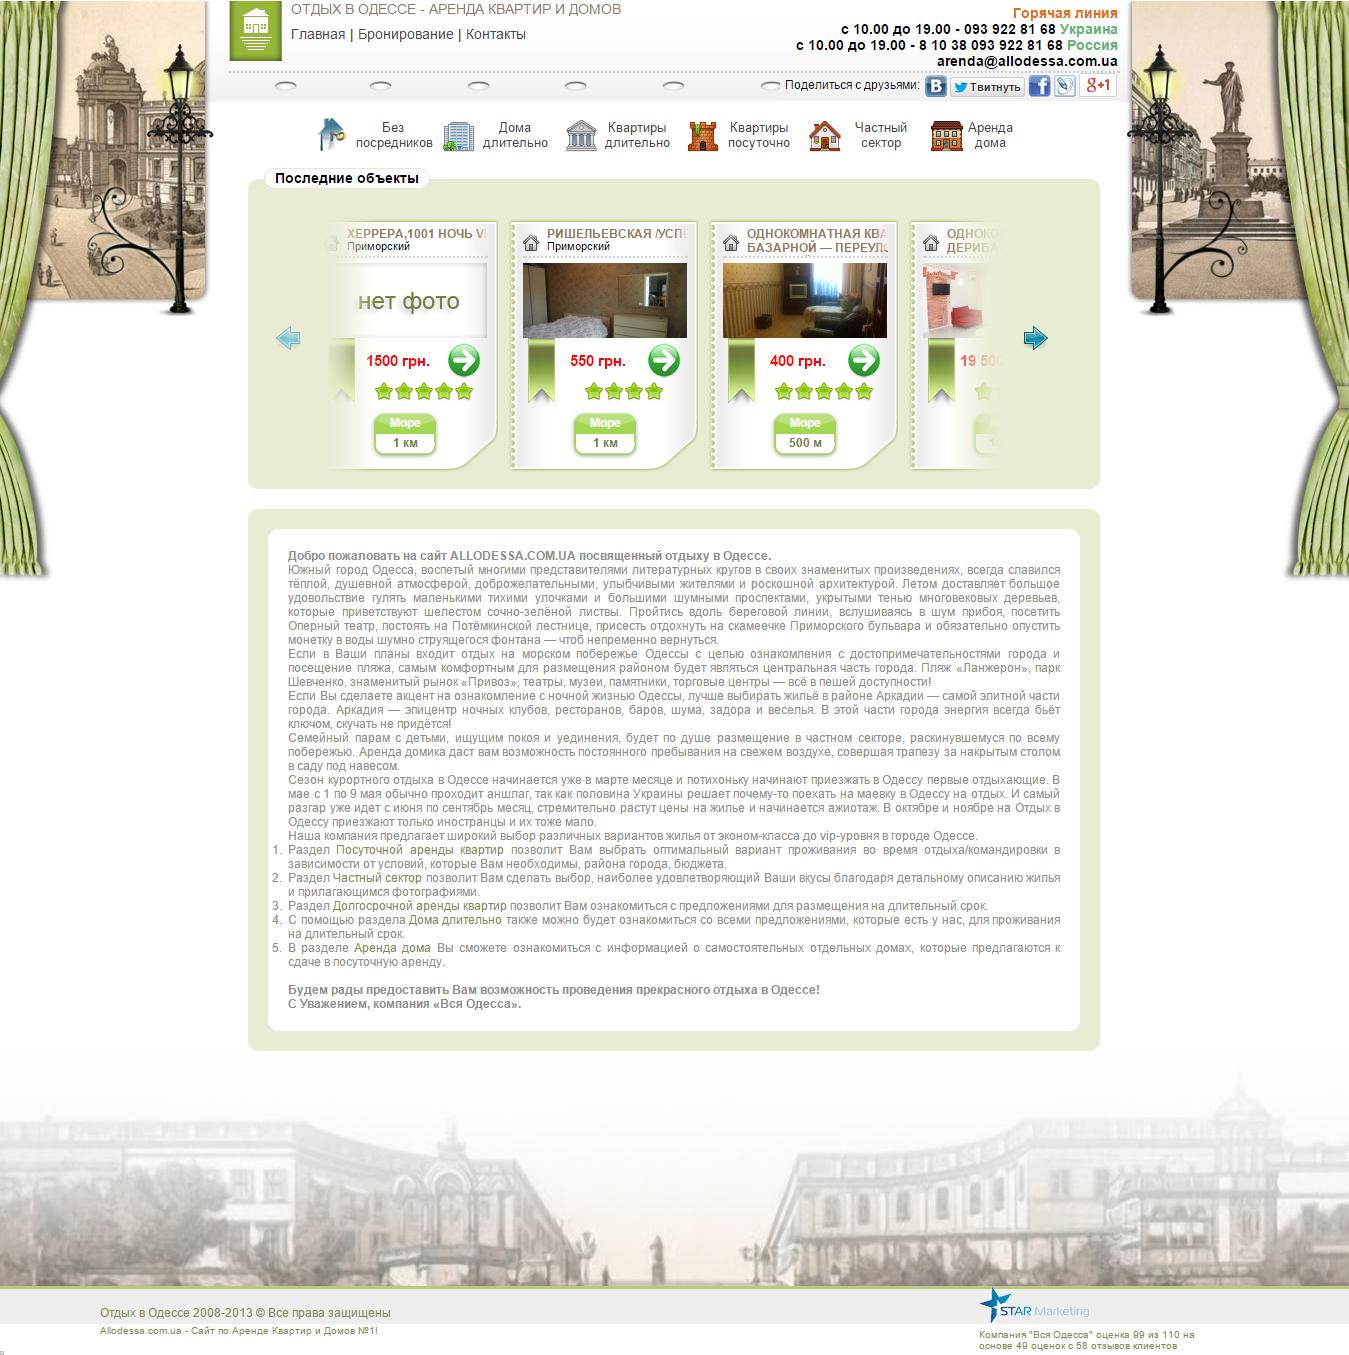 ALLODESSA.COM.UA